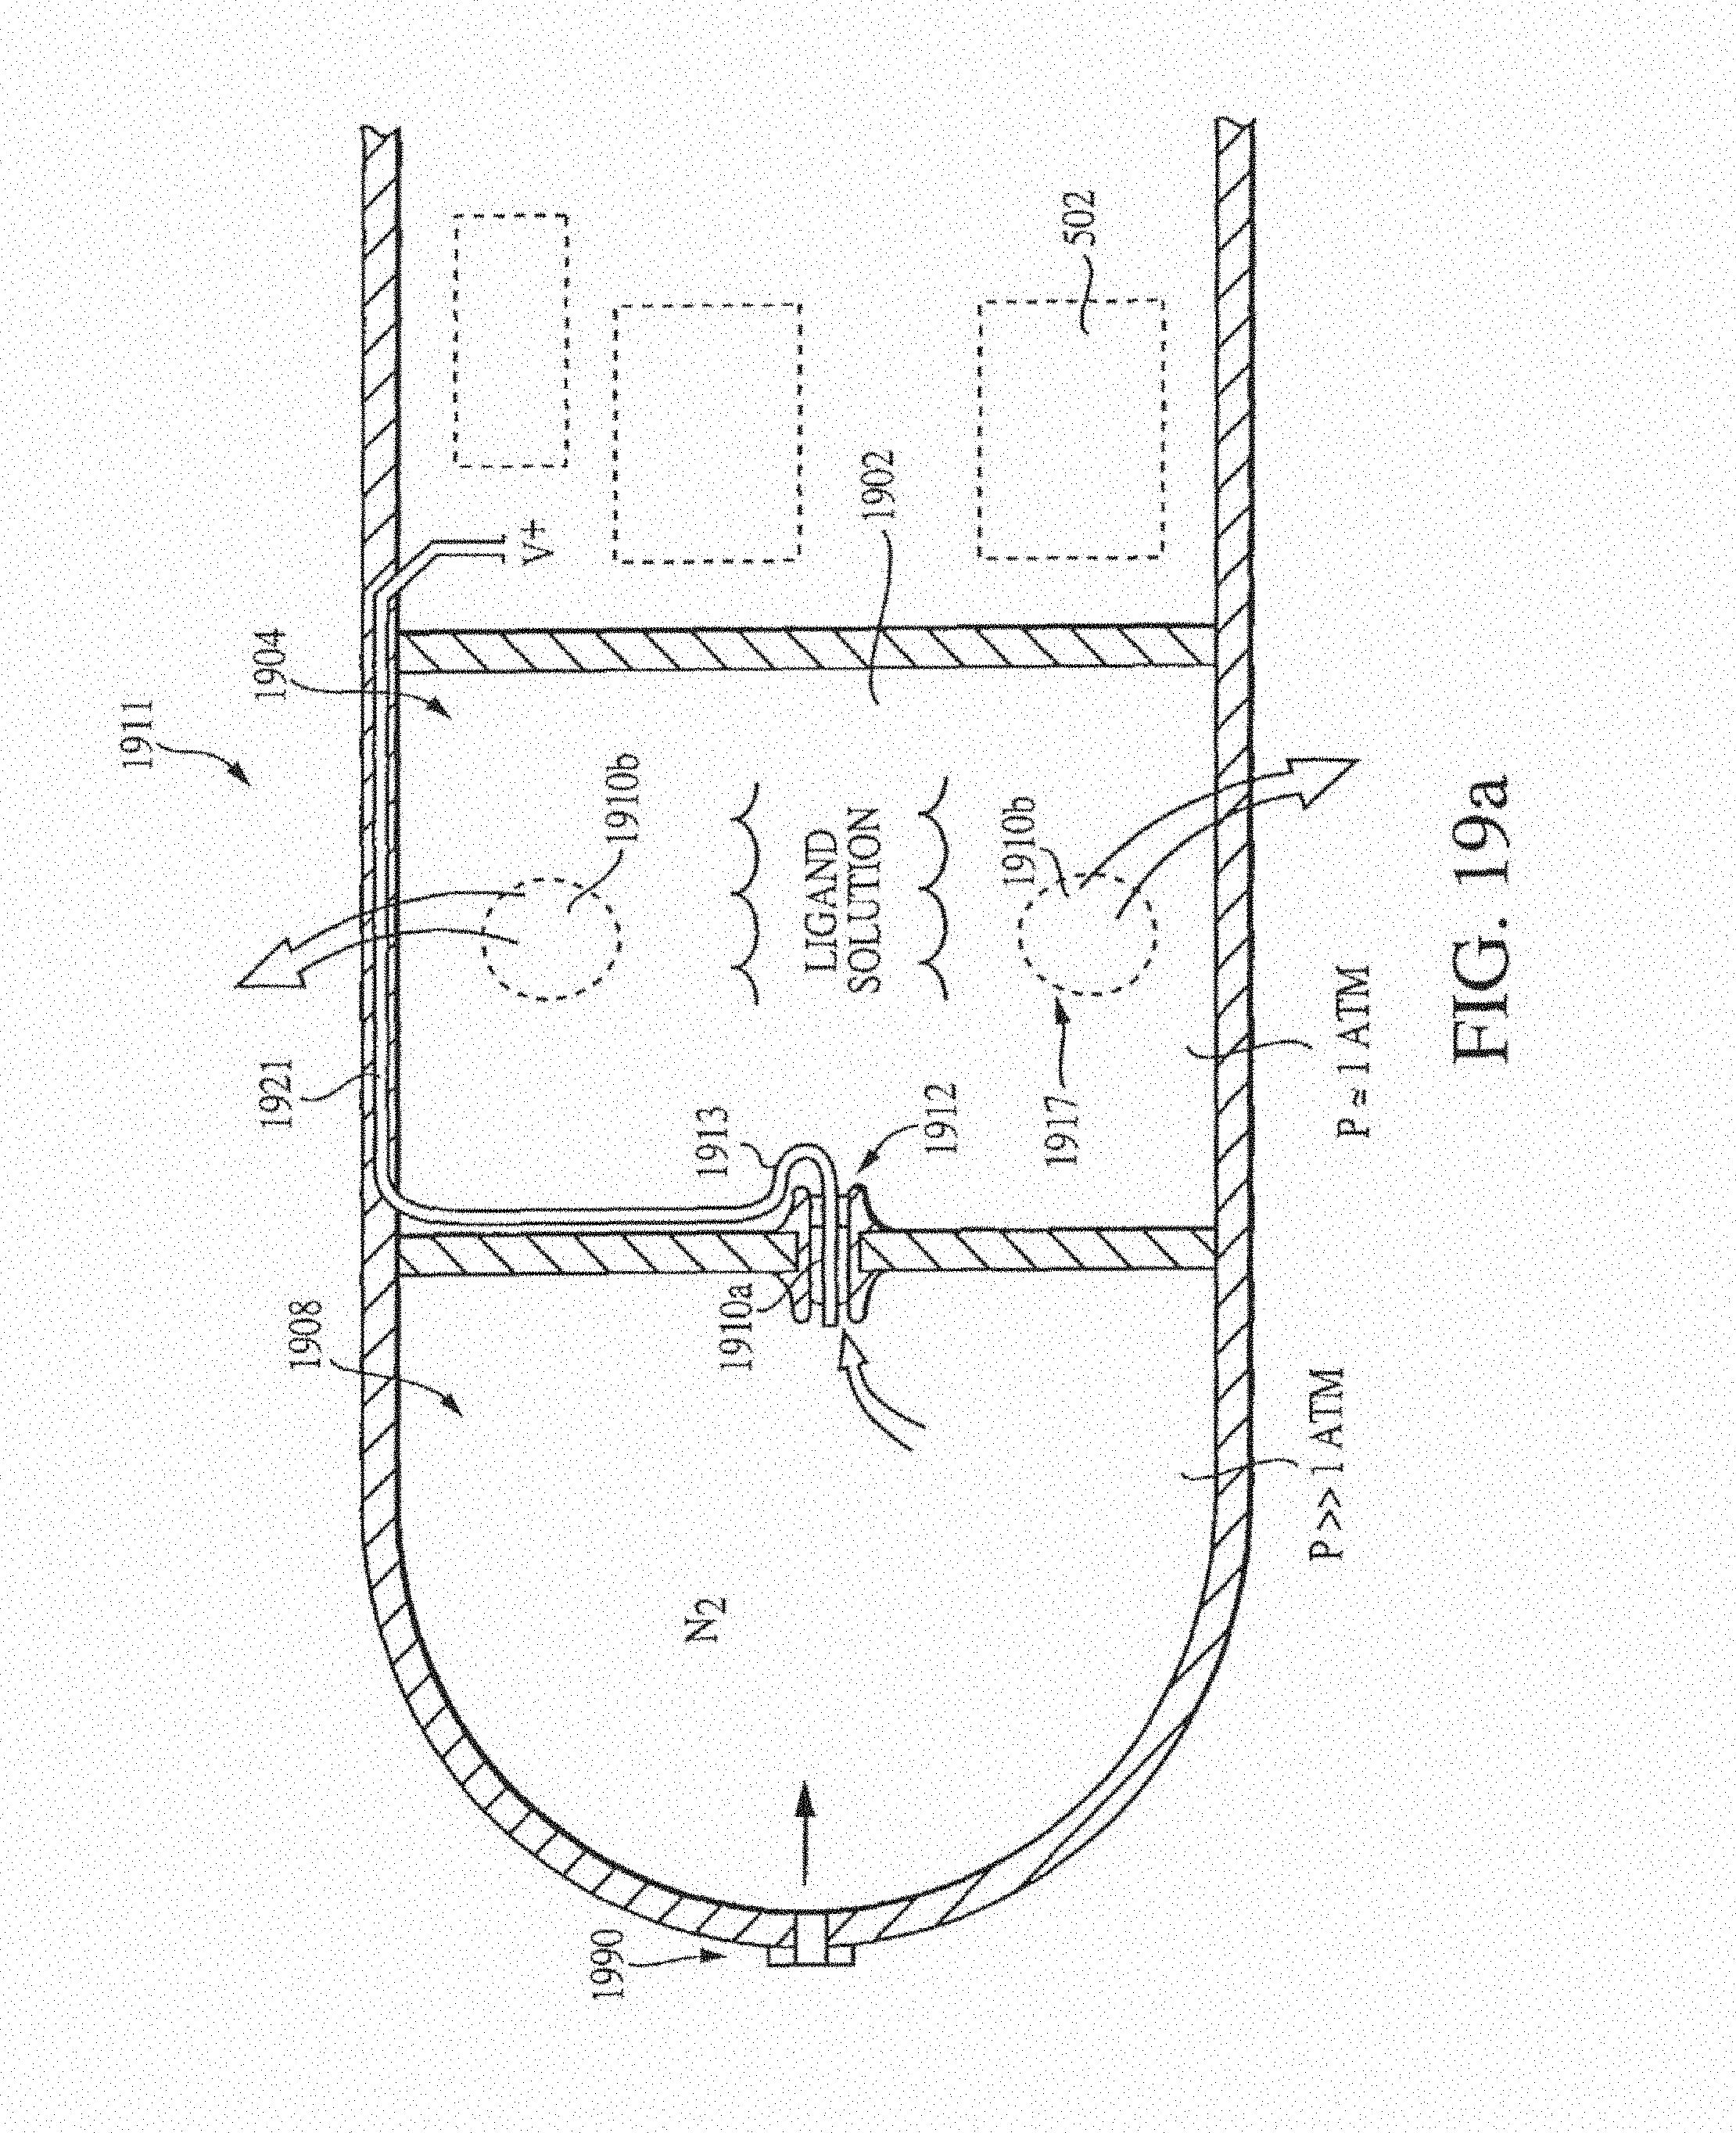 Wiring Diagram Likewise Otis Elevator Schematic Diagram On Elevator